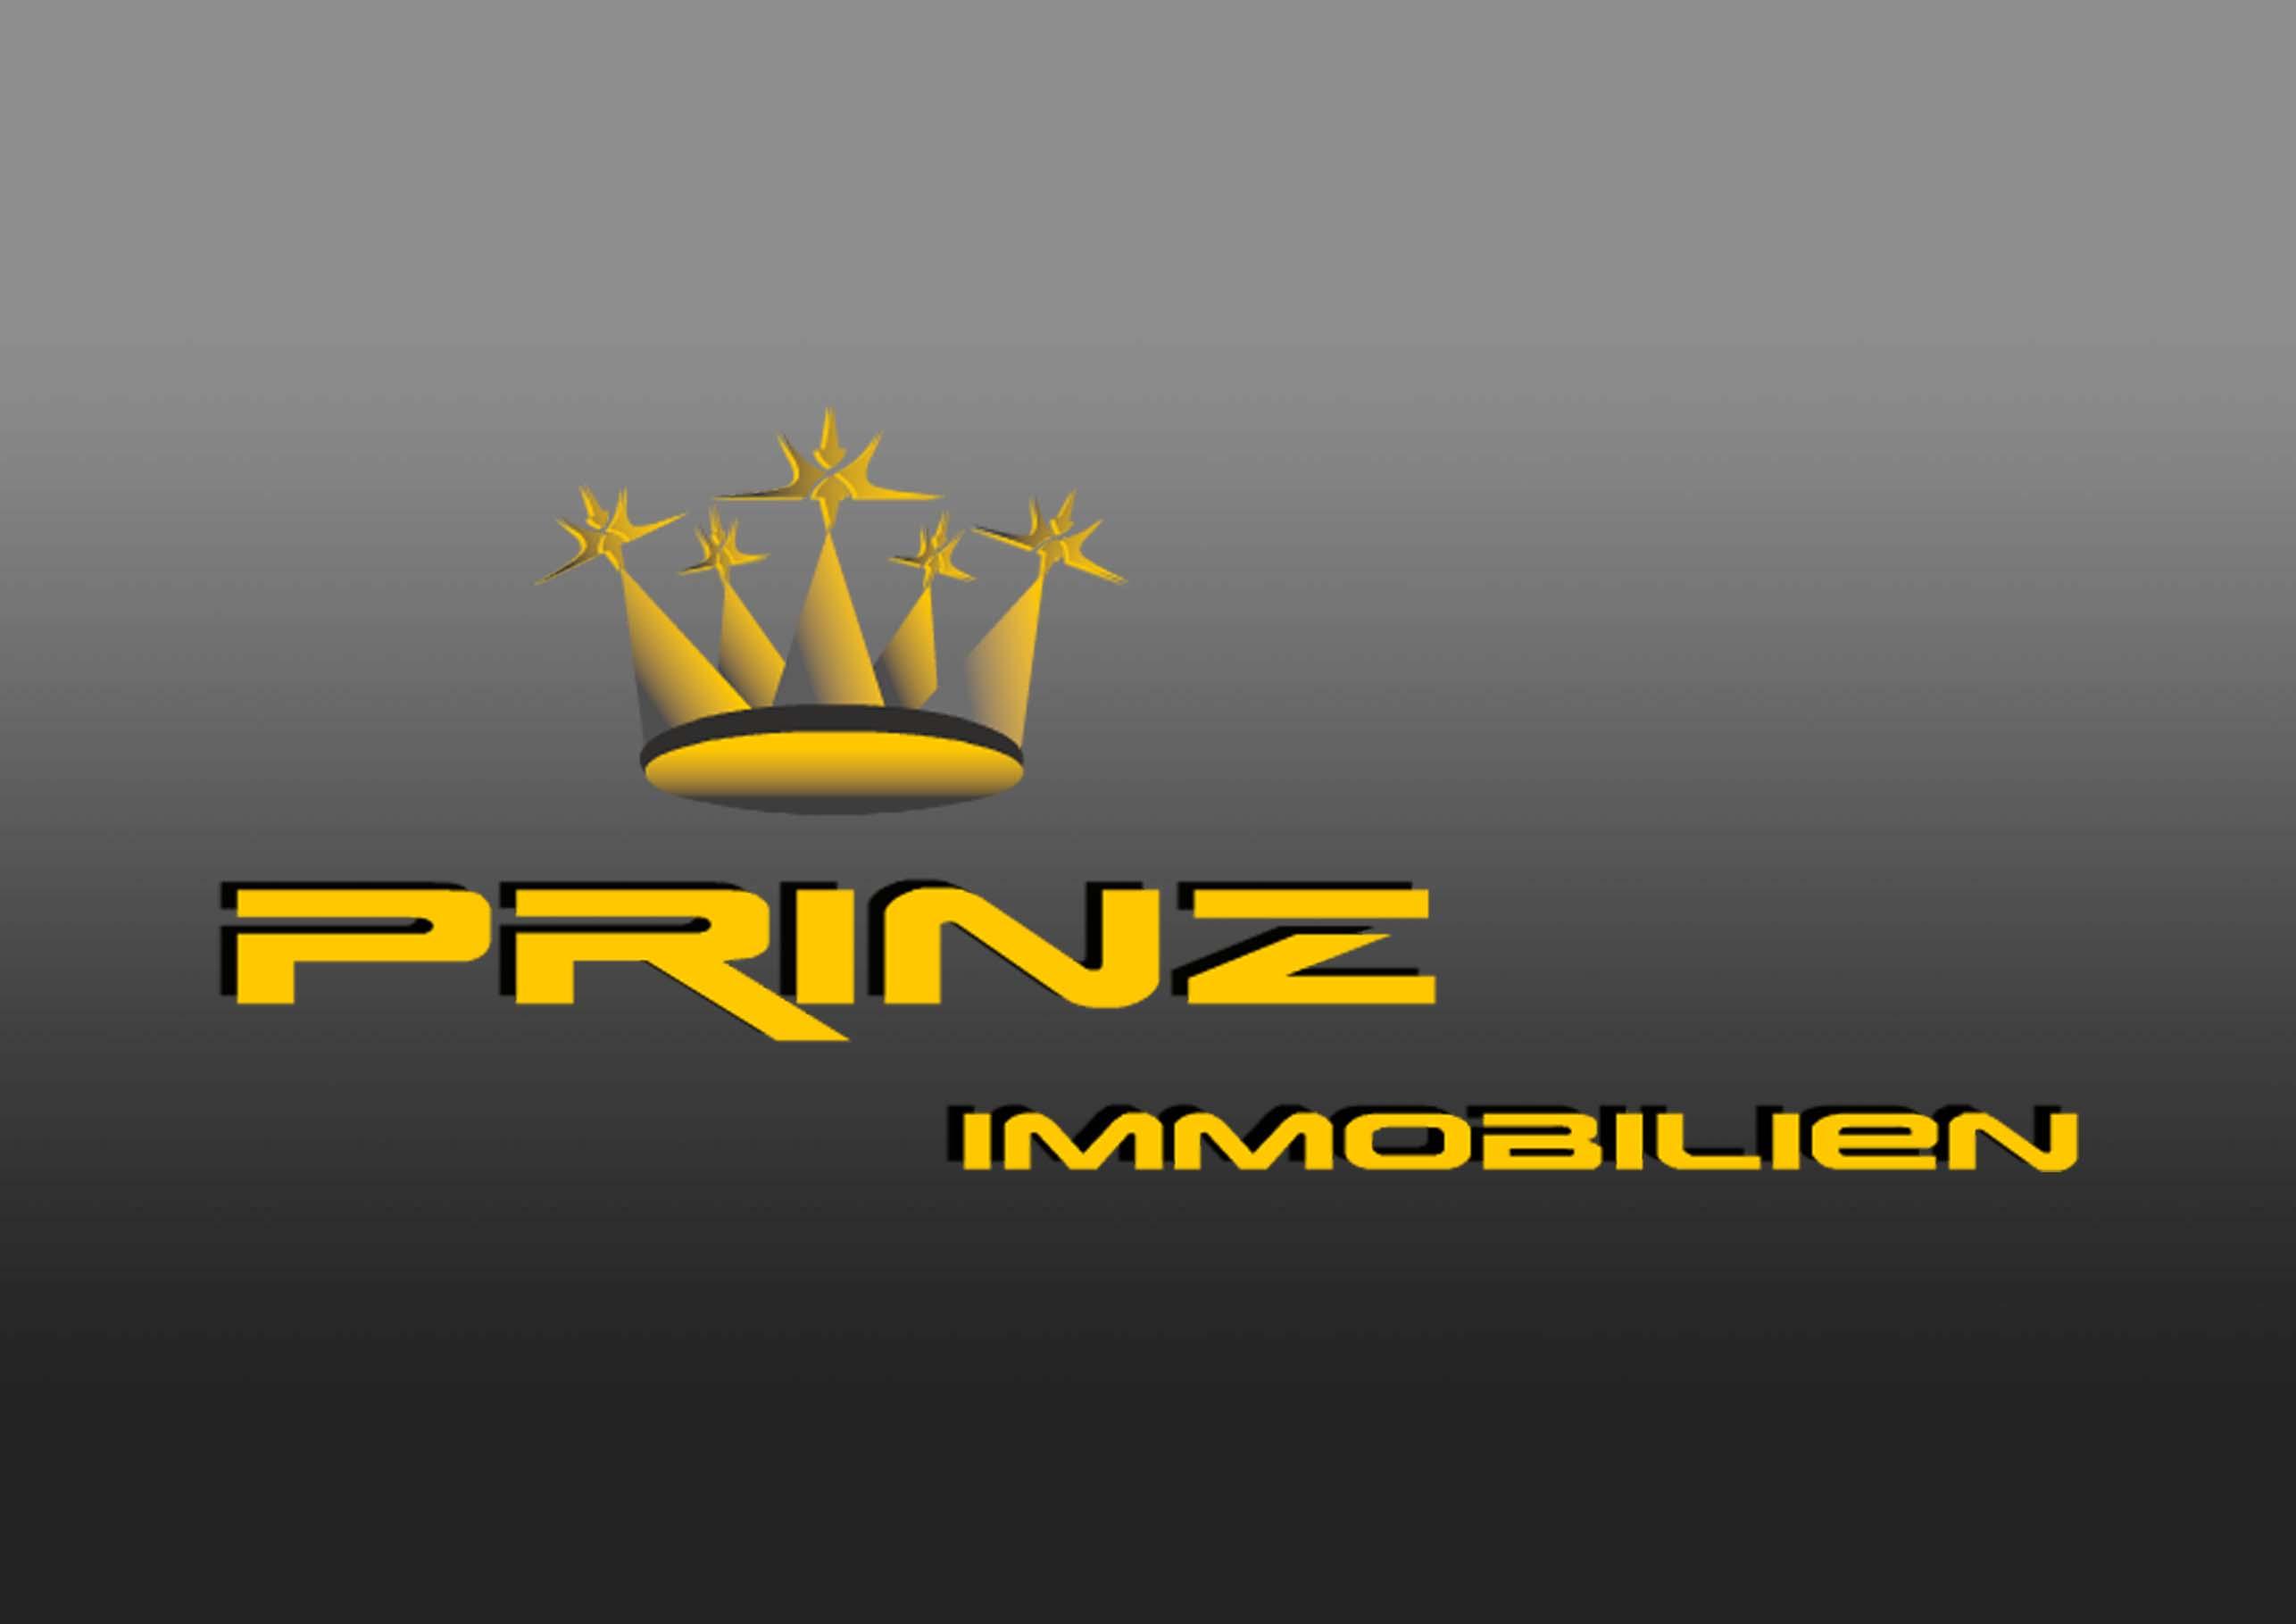 Hier sehen Sie das Logo von PRINZ IMMOBILIEN